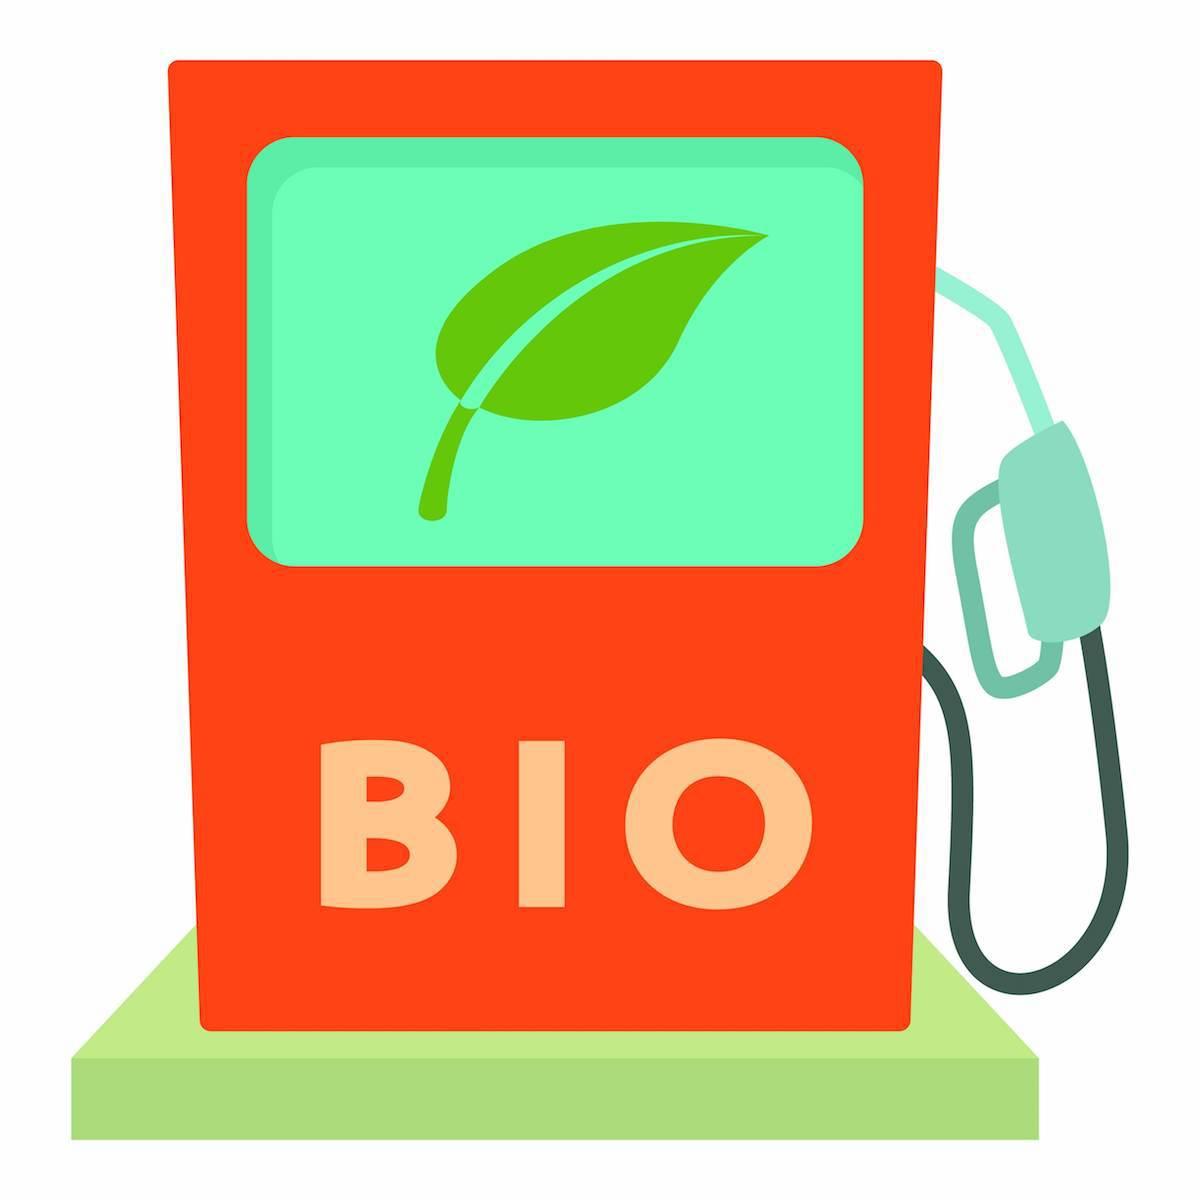 Bio ethanol ©Rvector shutterstock